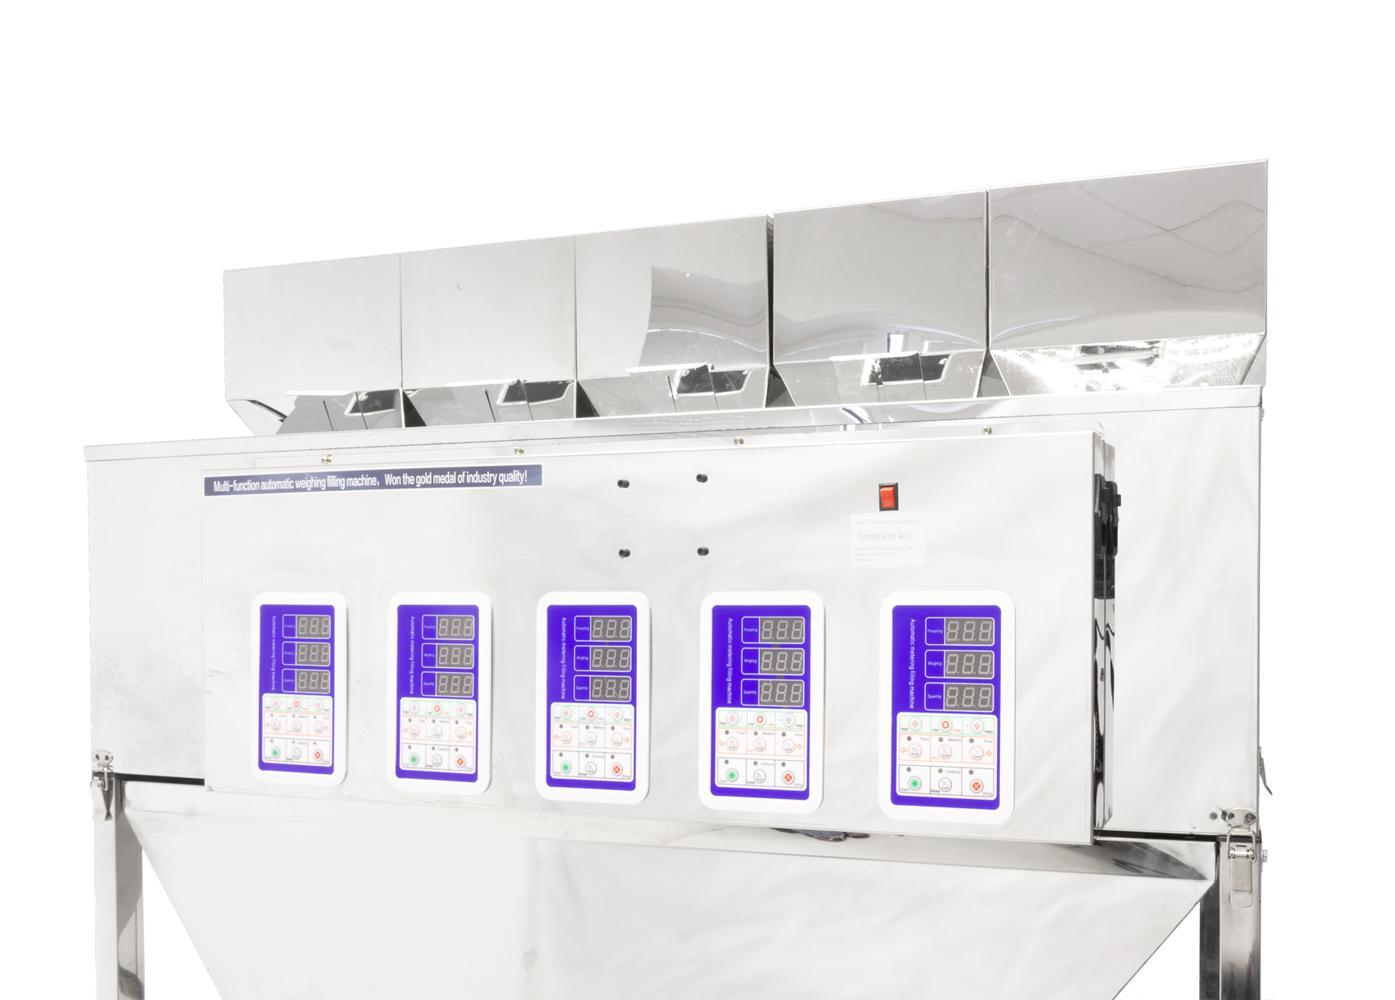 Pětihlavý automatický dávkovač sypkých materiálů a směsí 5x 10-500g